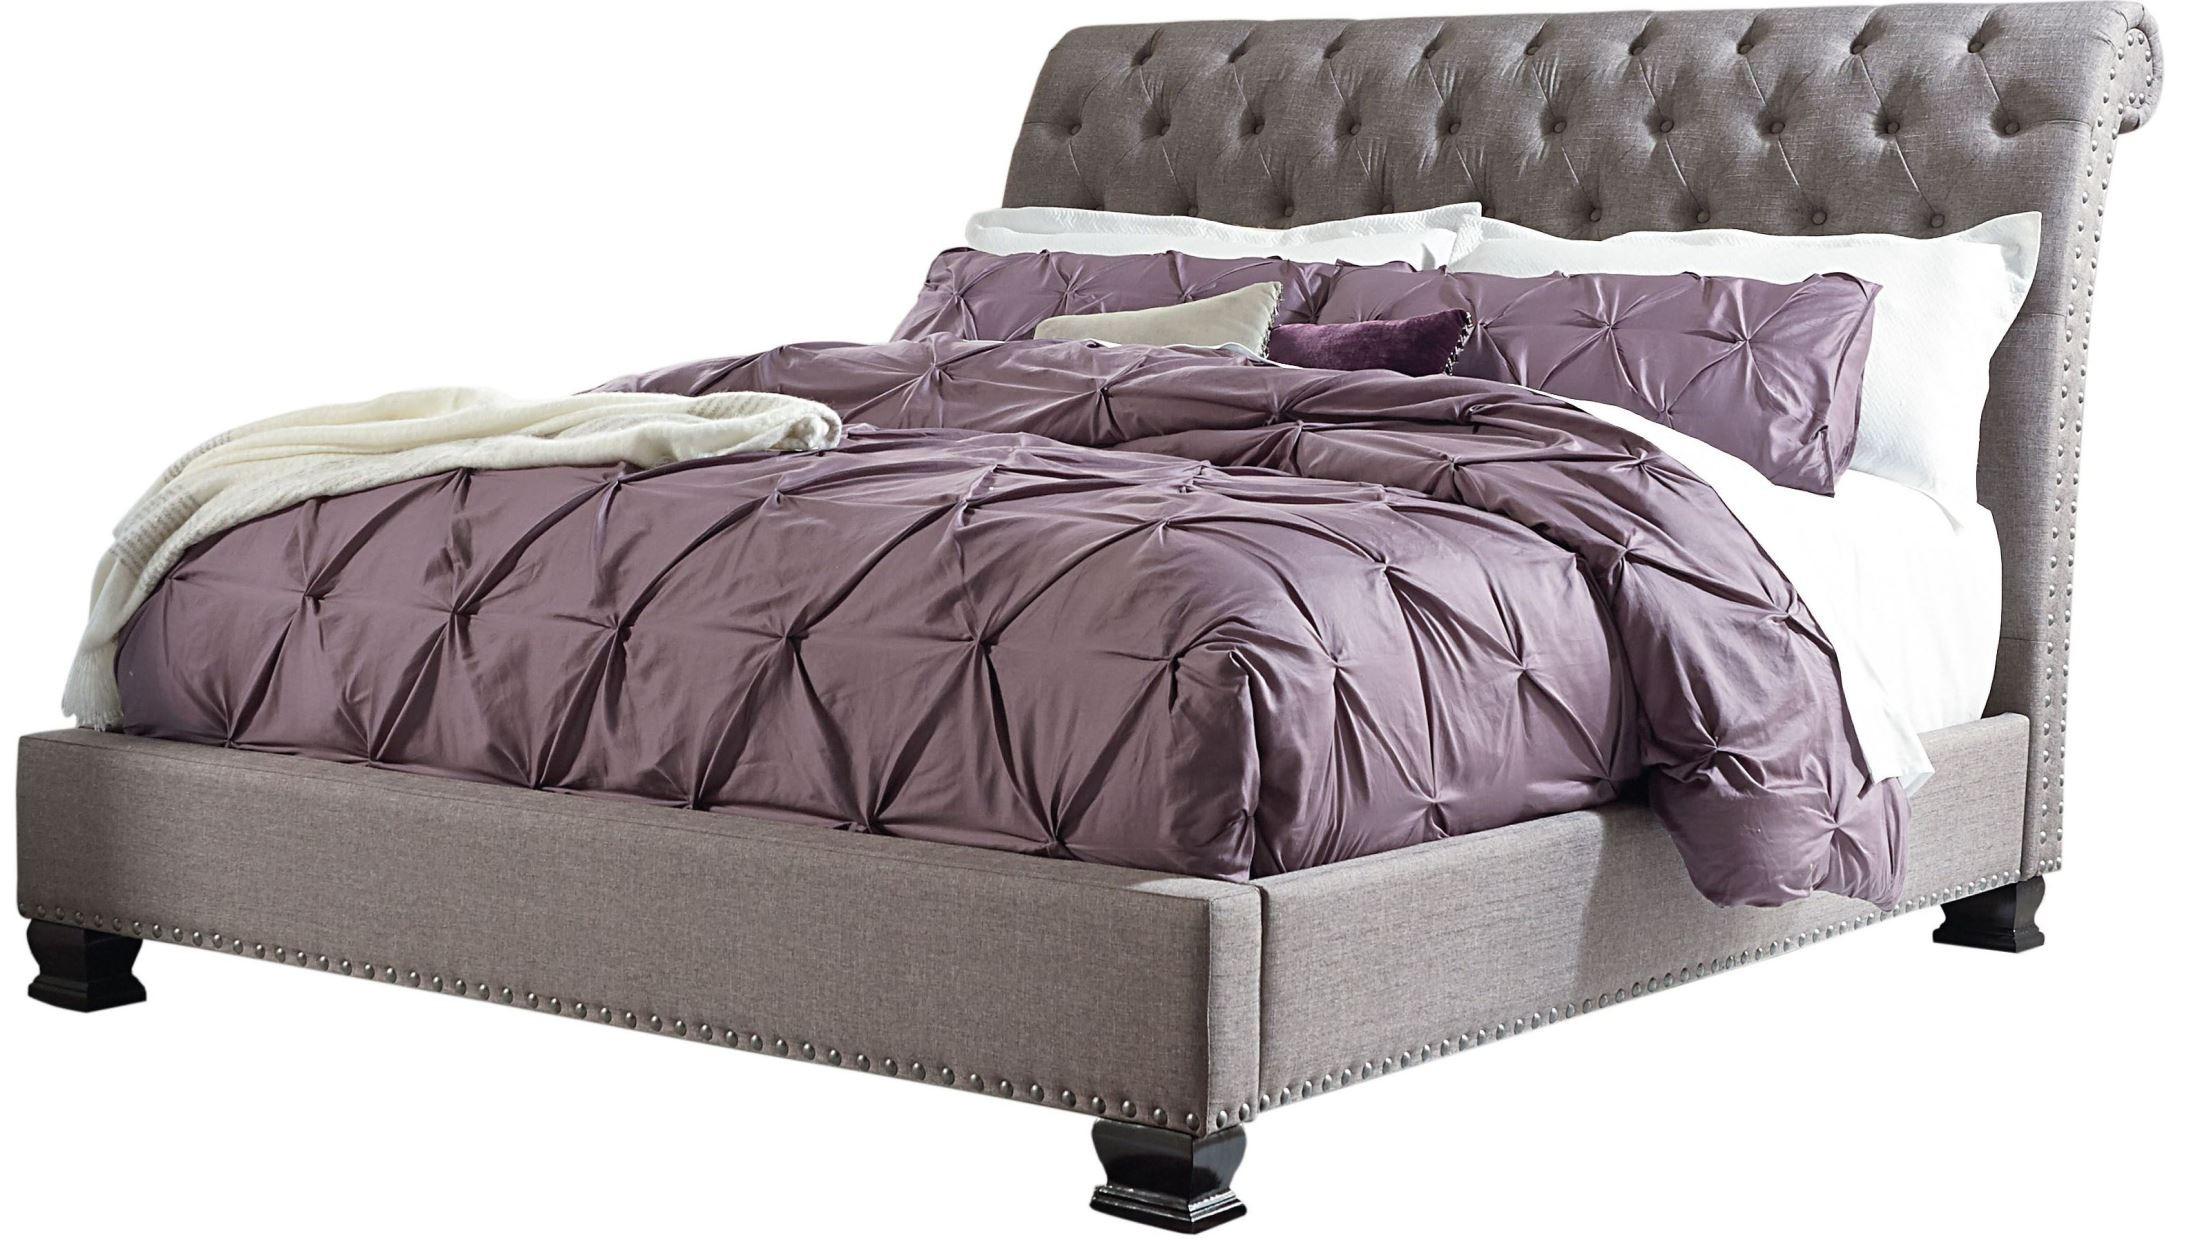 Garrison soft grey upholstered bedroom set from standard furniture coleman furniture for Standard furniture metro bedroom collection